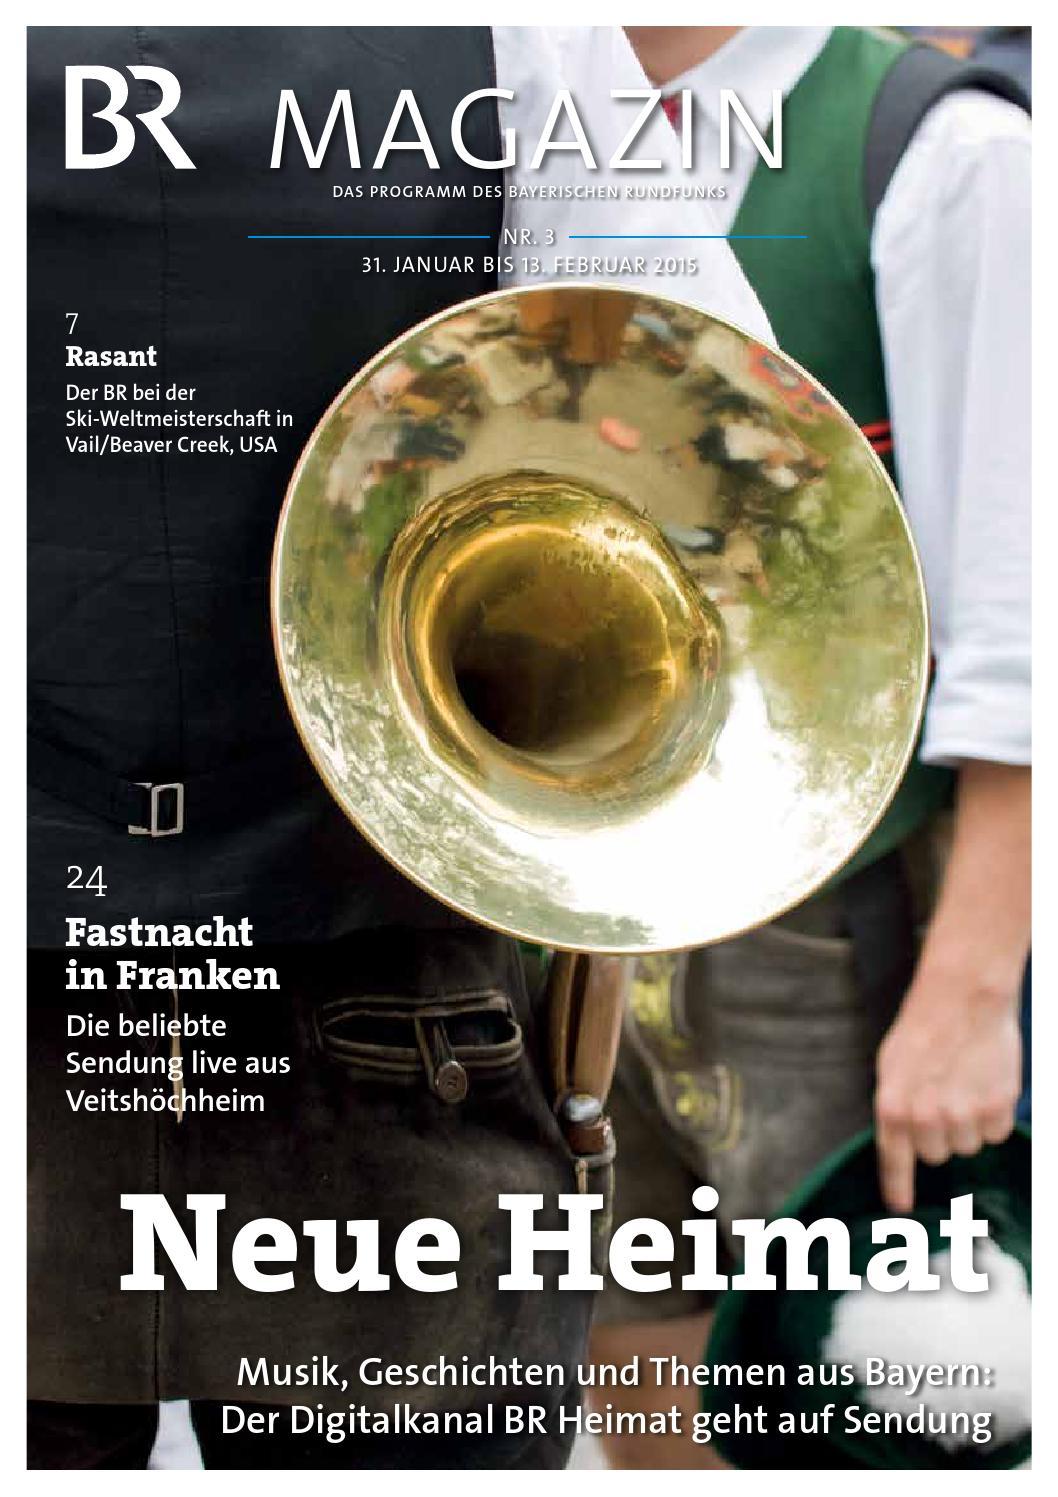 Br Magazin Nr 03 Vom 31 01 13 02 2015 By Bayerischer Rundfunk Issuu